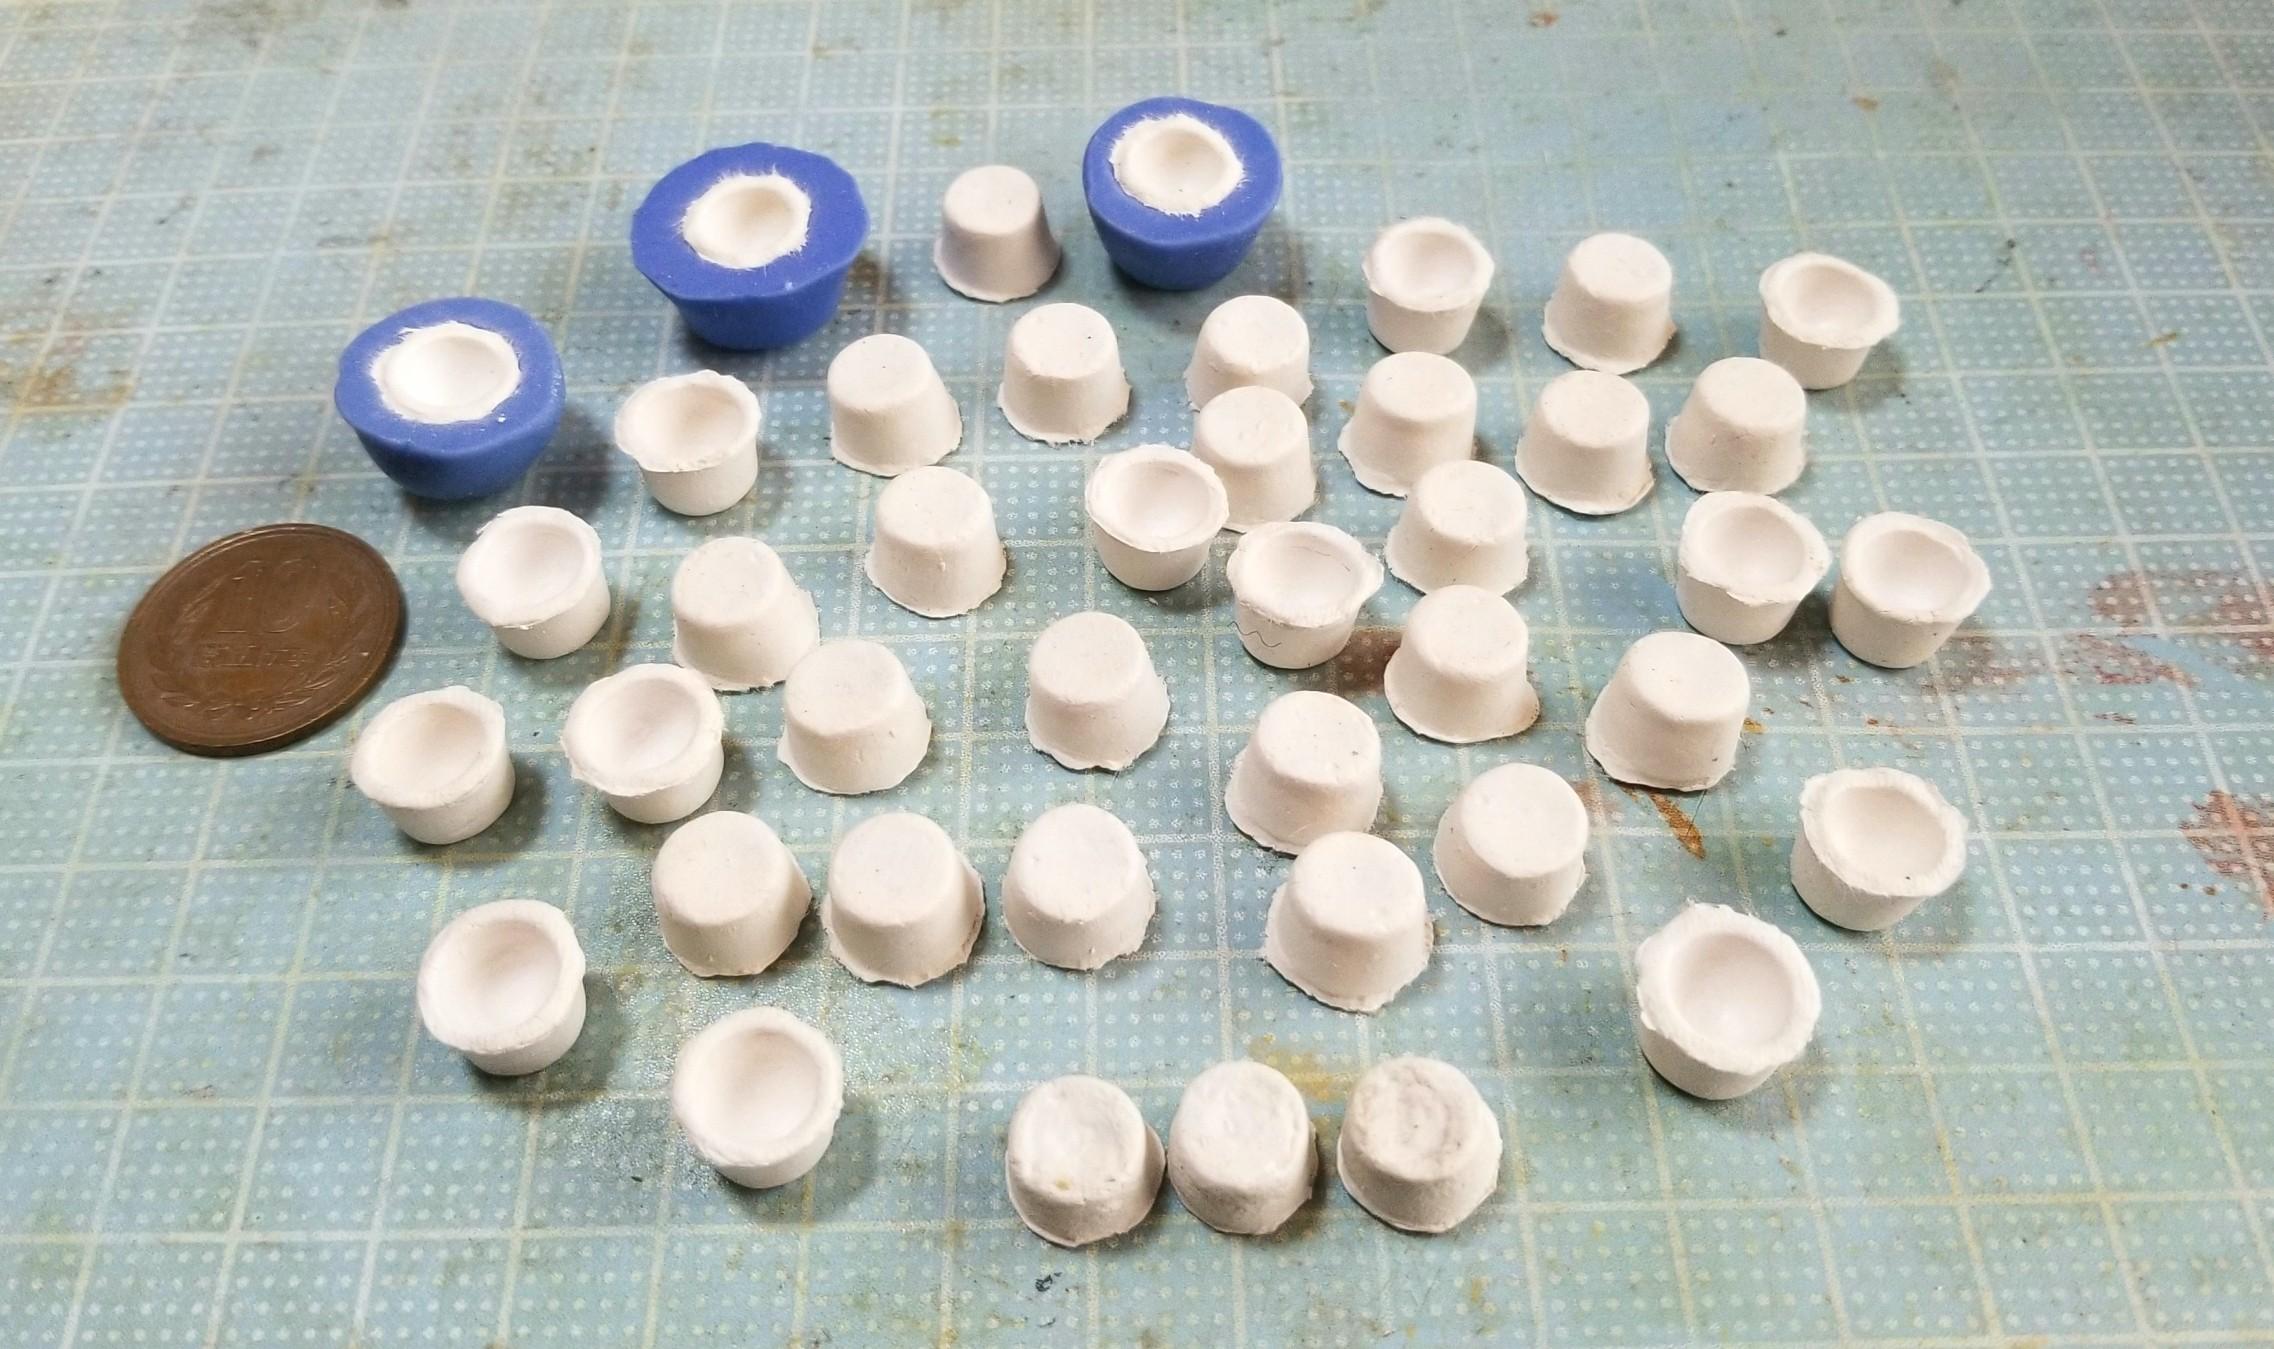 陶器風,お抹茶,ミニチュアフード,作り方,石塑粘土,ドールハウス,樹脂